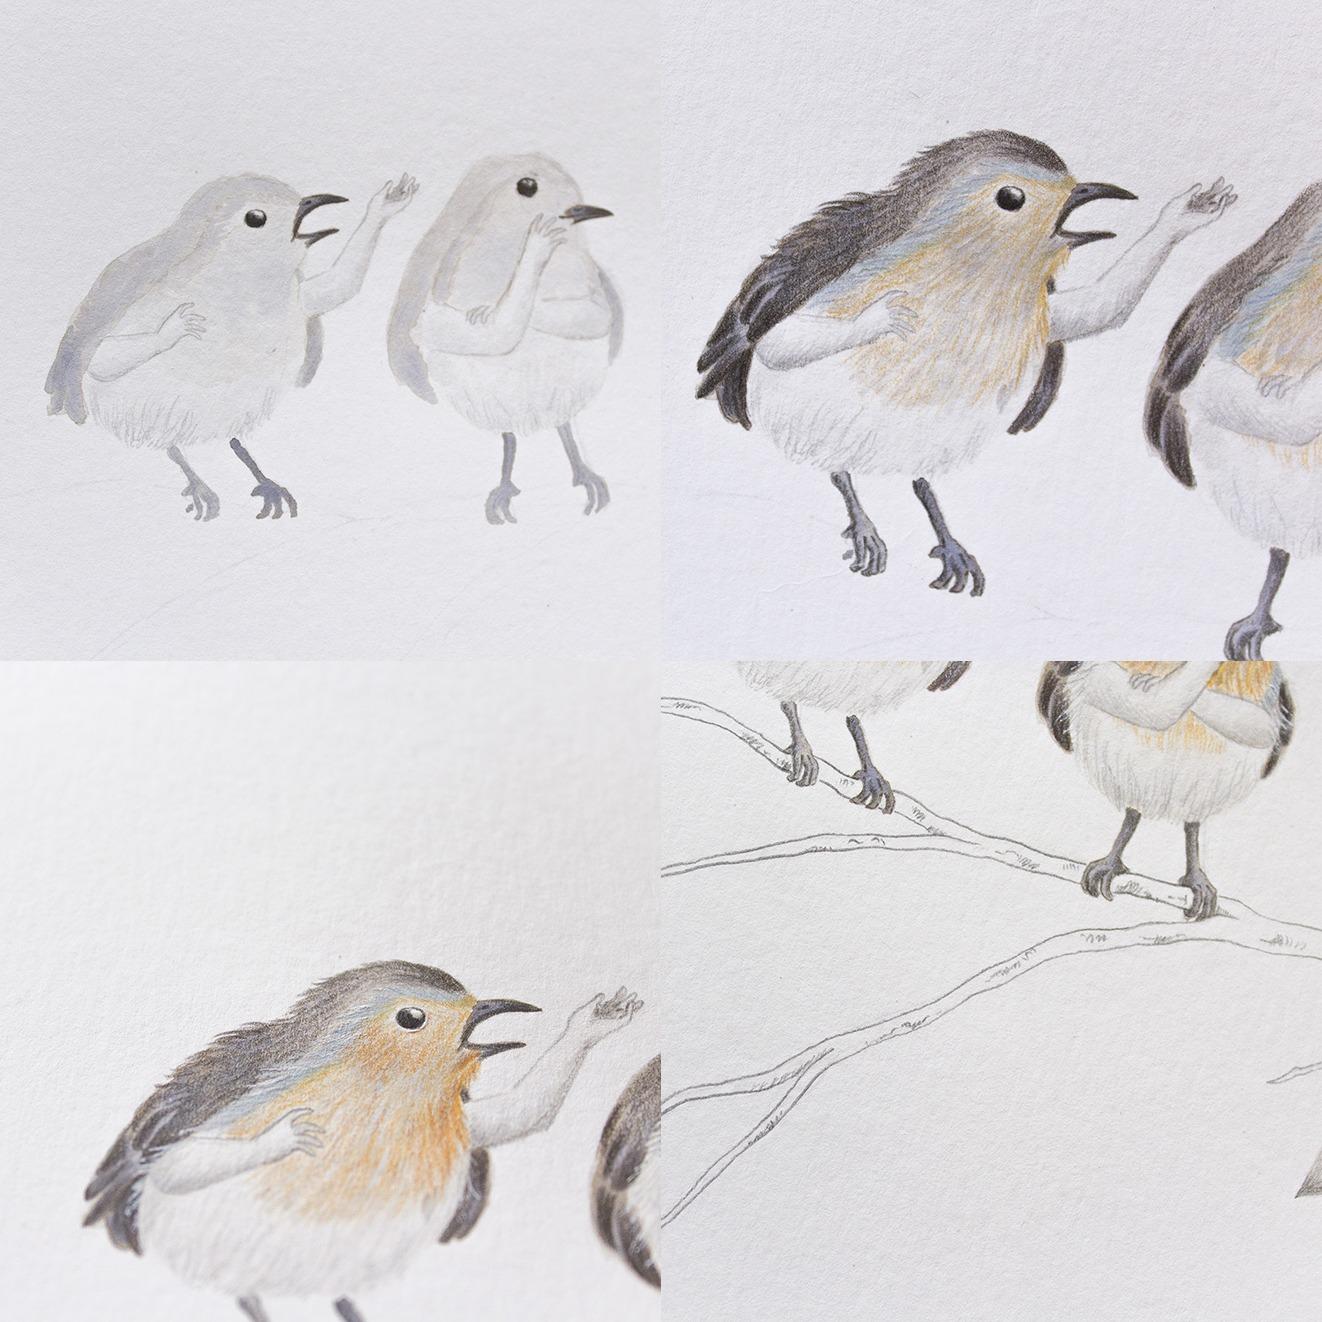 Ilustración a tinta, ilustración de pájaros, cuco, petirrojo, paso a paso de una ilustración, ilustración a tinta paso a paso, Inktober, Mar Villar, ilustración de pájaros, ilustración de aves, ilustración sobre ornitología, donujos de pájaros, dibujos de aves, ilustración científica,